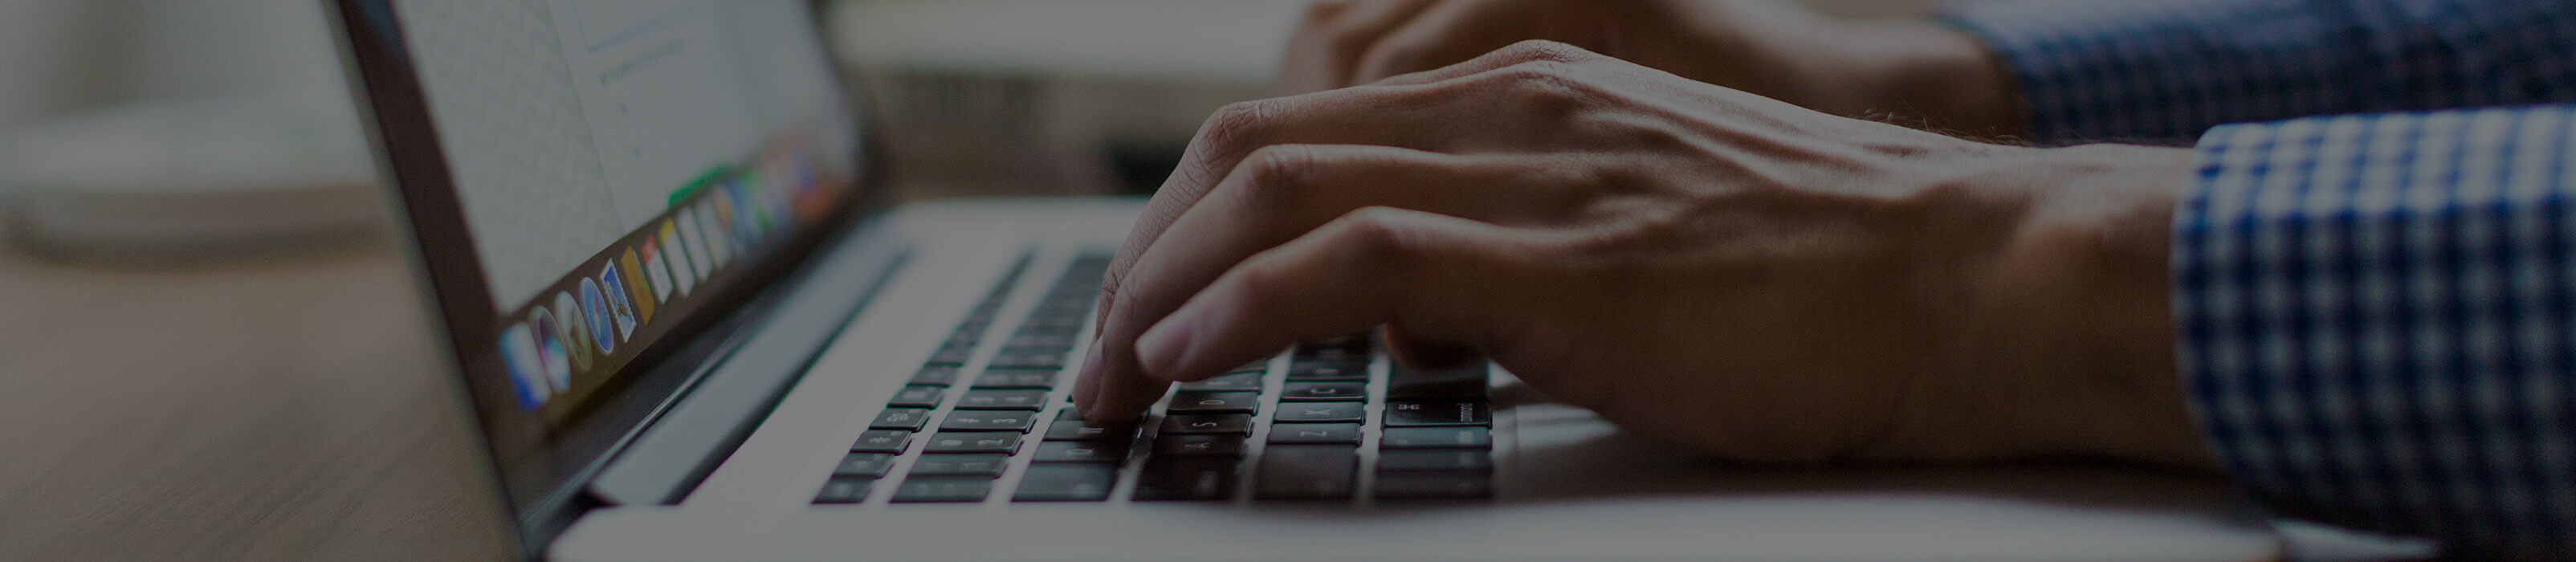 Säkra lyft e-learning | Säkra Utbildningar